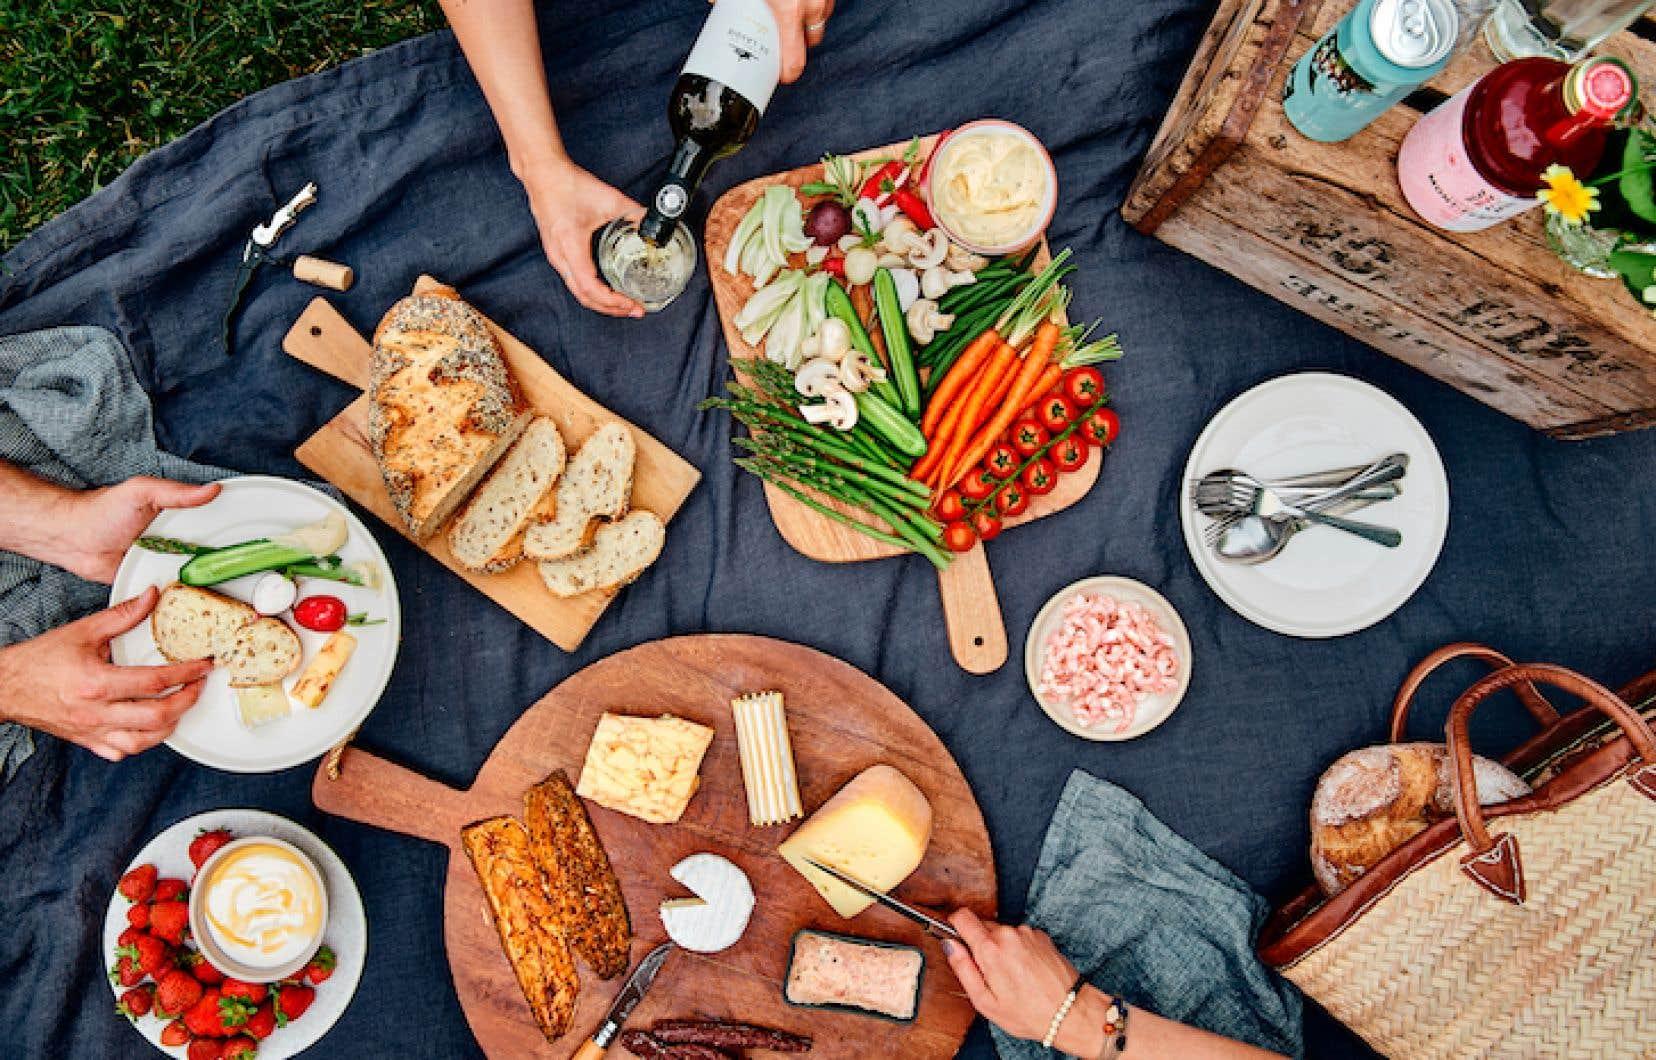 Difficile d'imaginer manière plus conviviale que le pique-nique pour partager un repas entre amis par les temps qui courent.